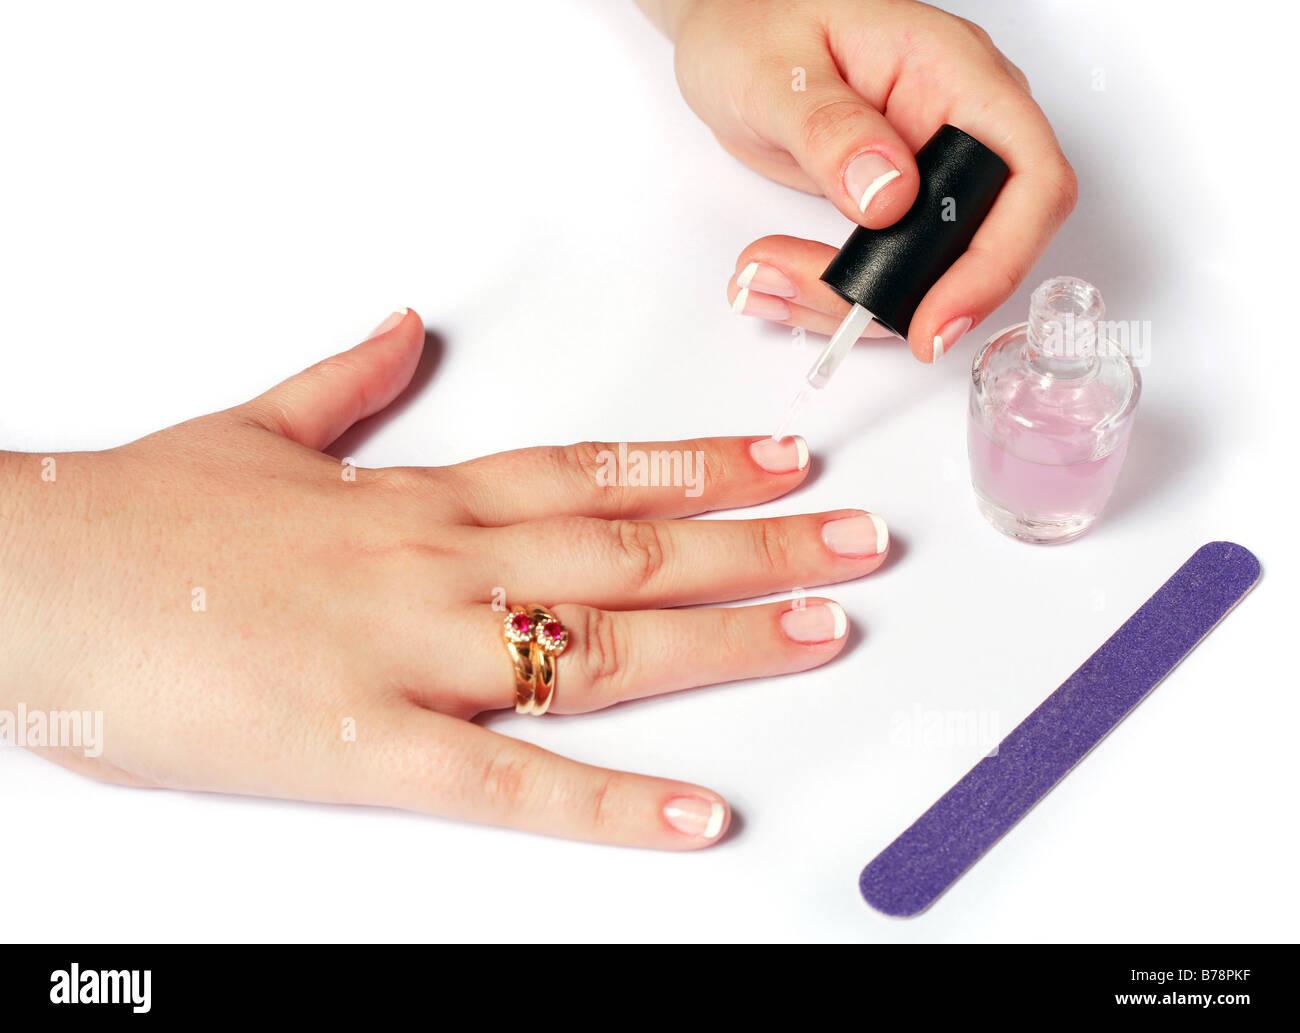 French Nails Stockfotos & French Nails Bilder - Alamy